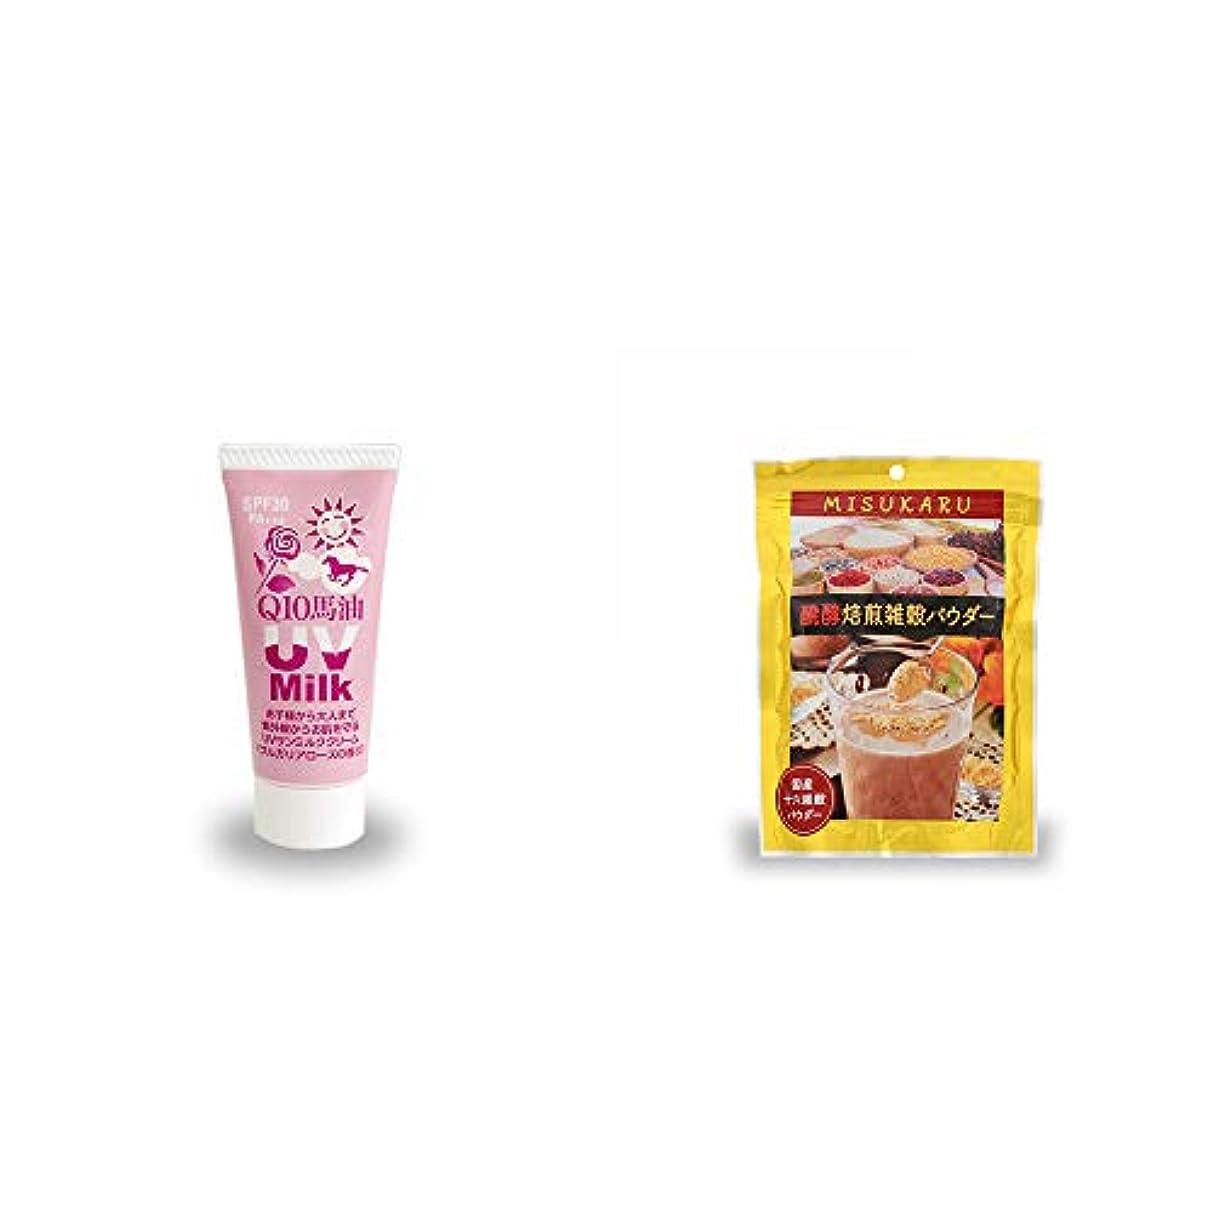 明確にモロニック使役[2点セット] 炭黒泉 Q10馬油 UVサンミルク[ブルガリアローズ](40g)?醗酵焙煎雑穀パウダー MISUKARU(ミスカル)(200g)